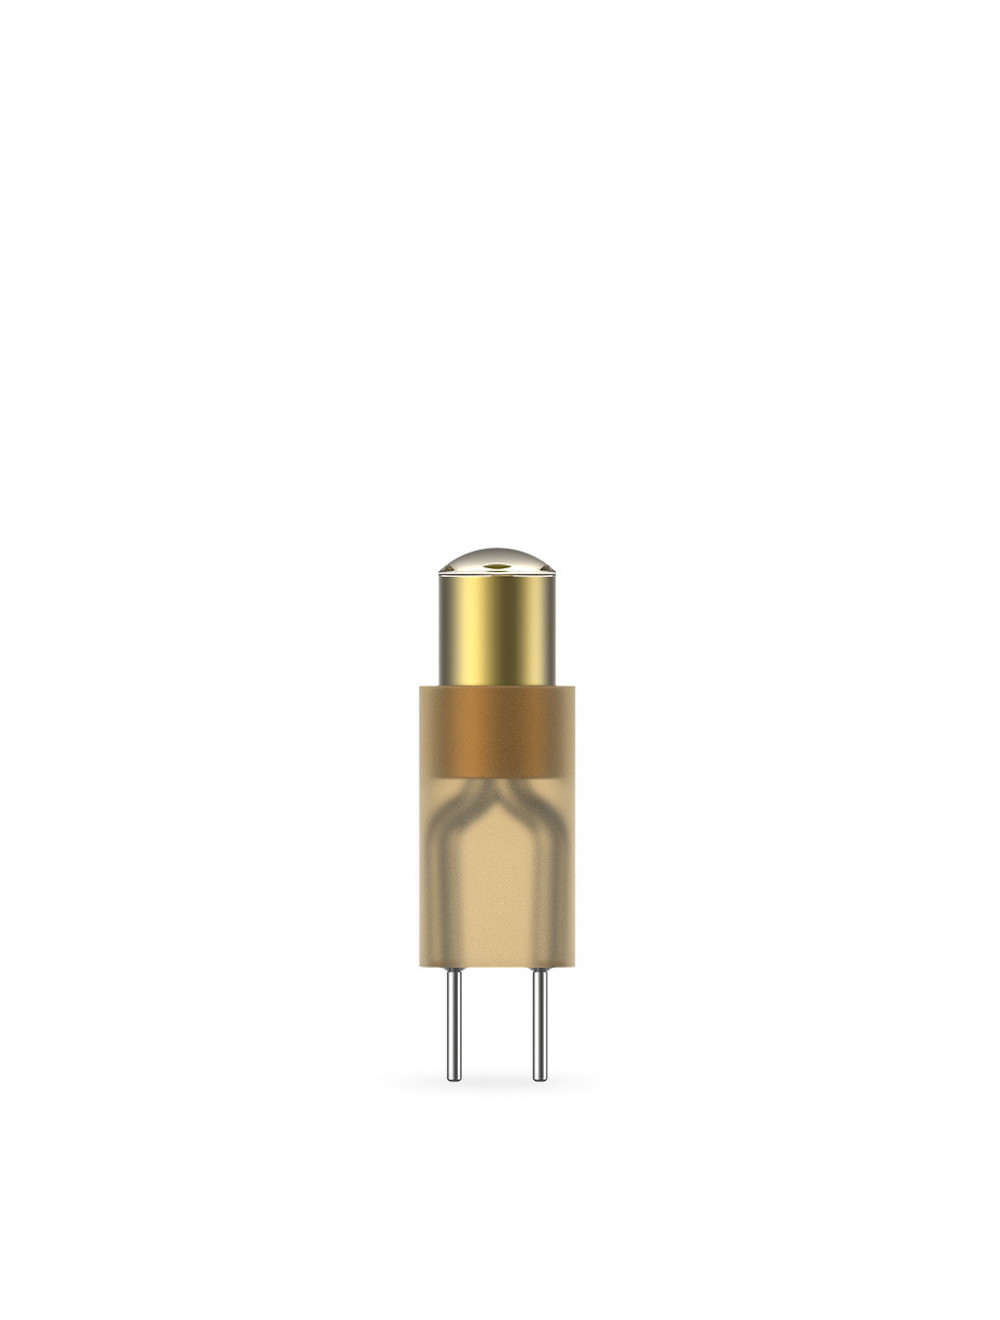 Das Produkt MK-dent LED Lampe BU8012Y aus dem Global-dent online shop.